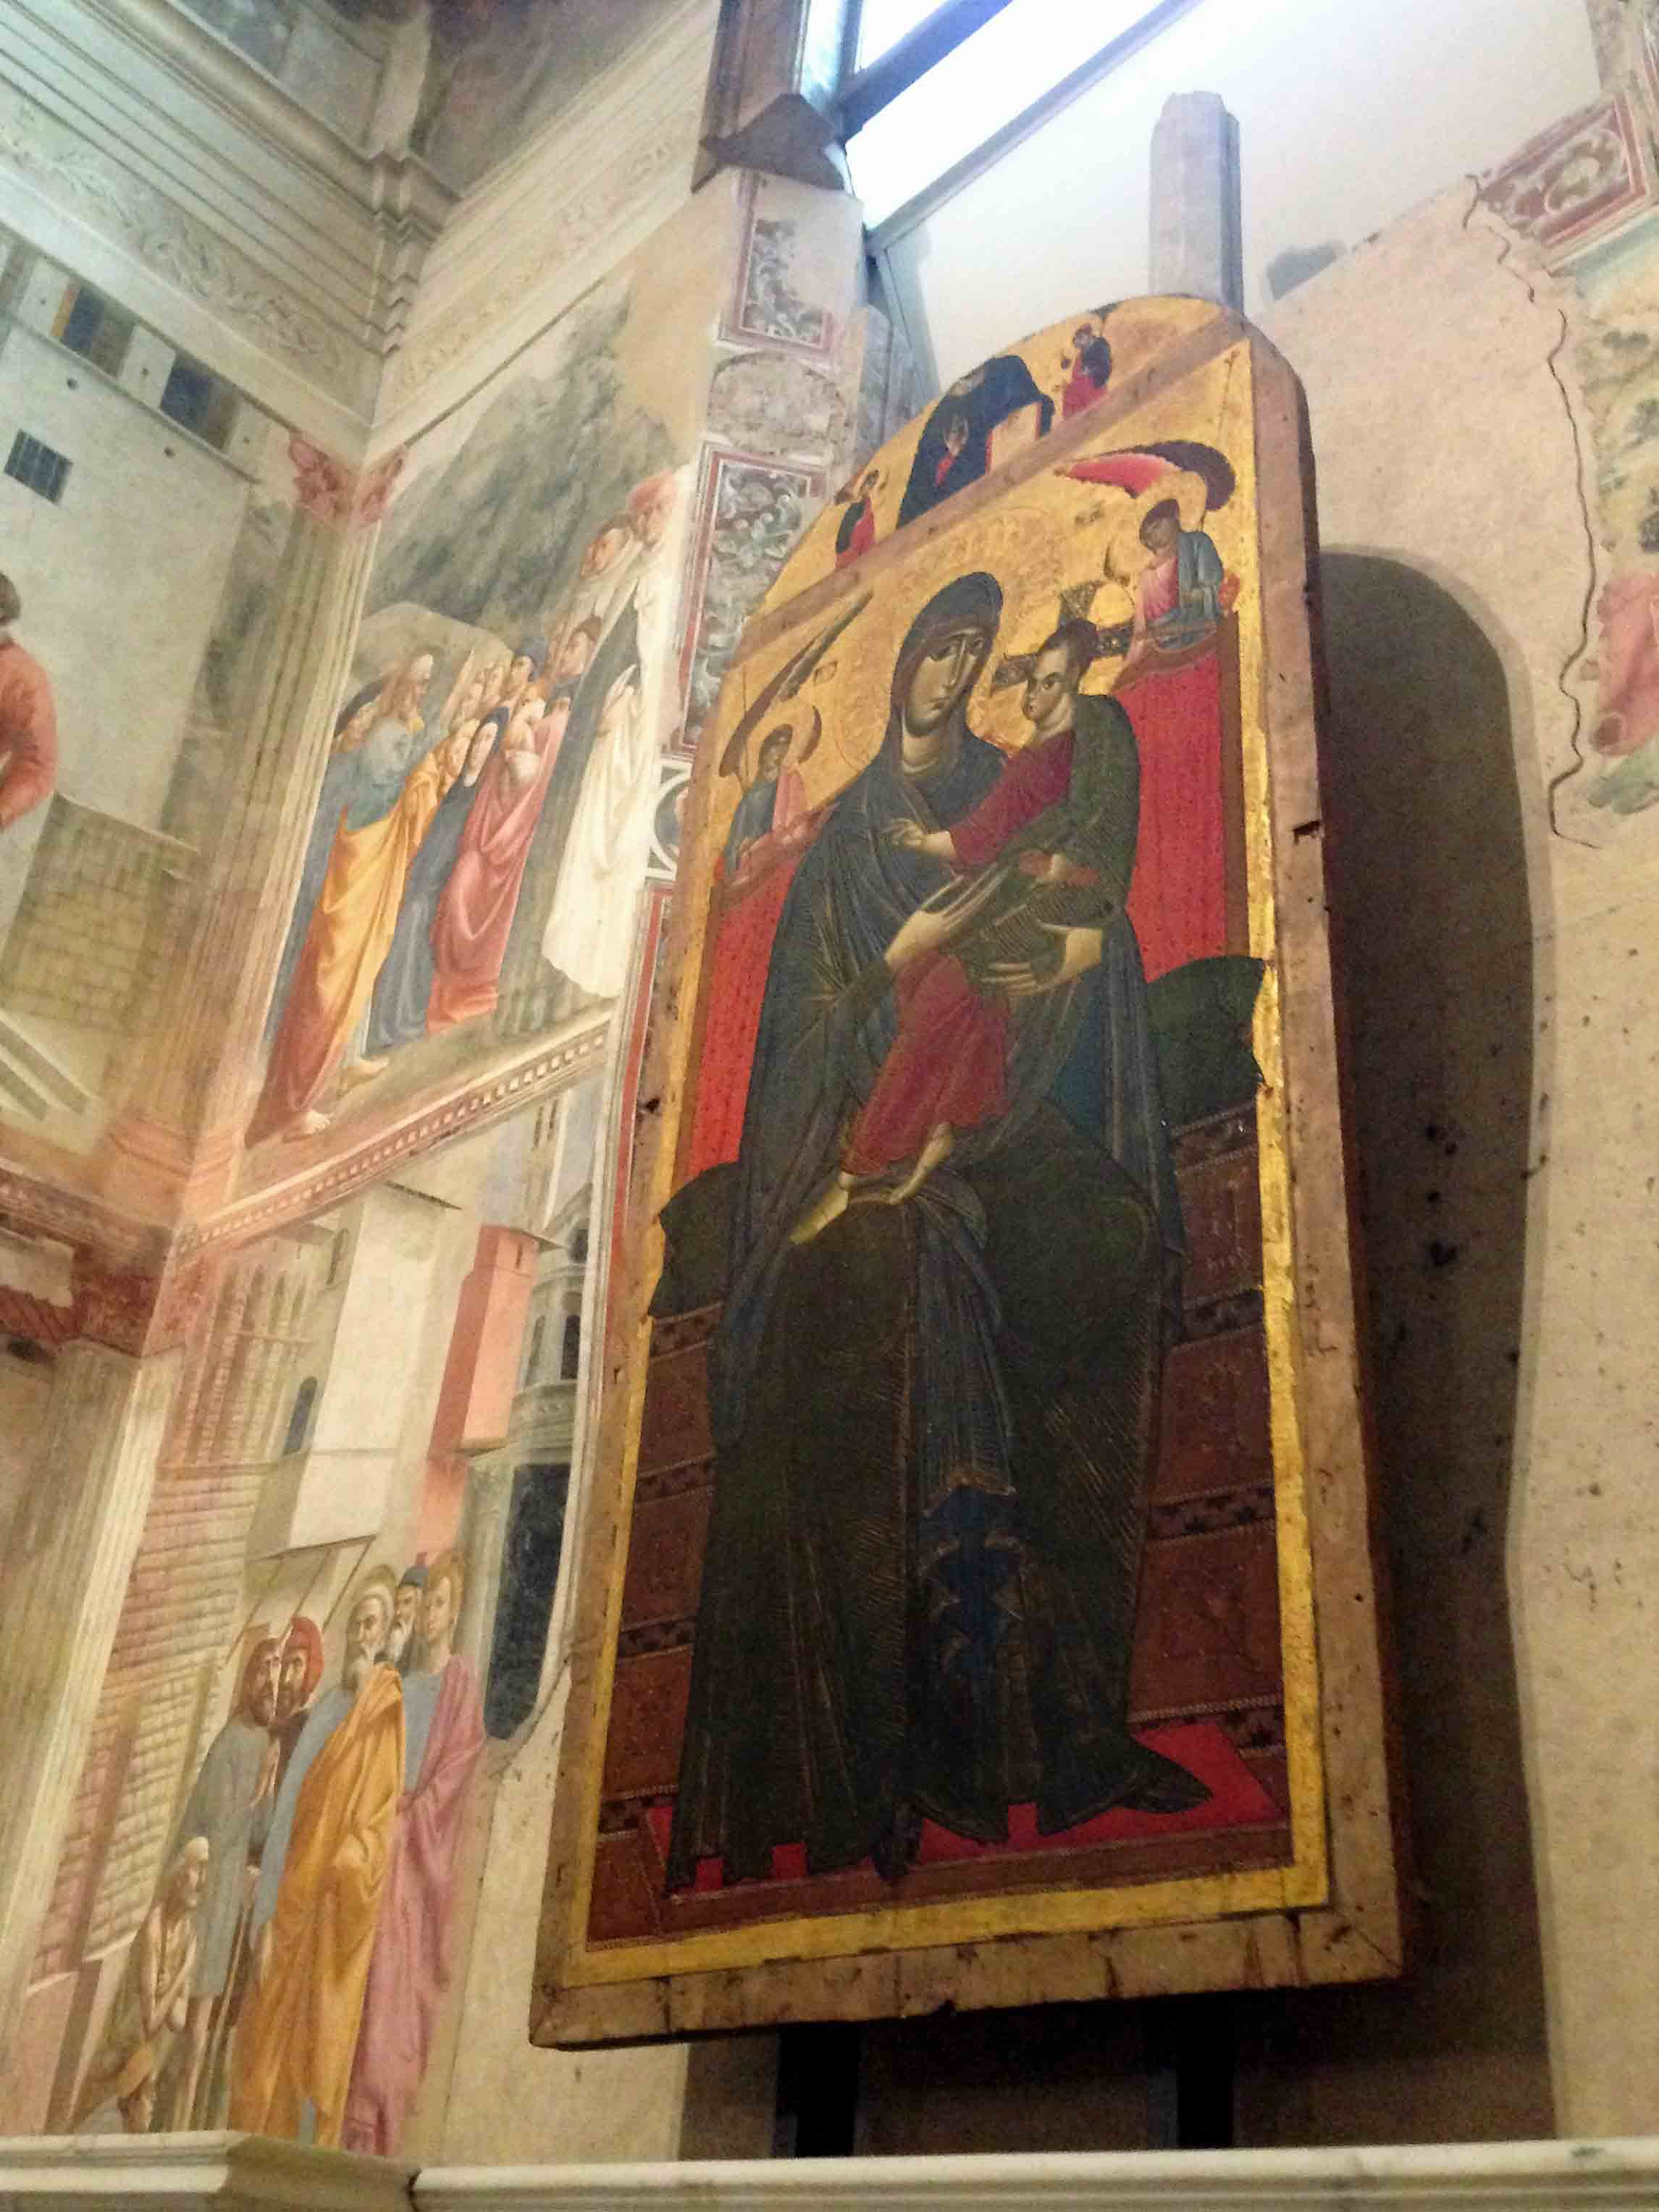 Artwork by Masolino & Masaccio at the Branacci Chapel Florence.